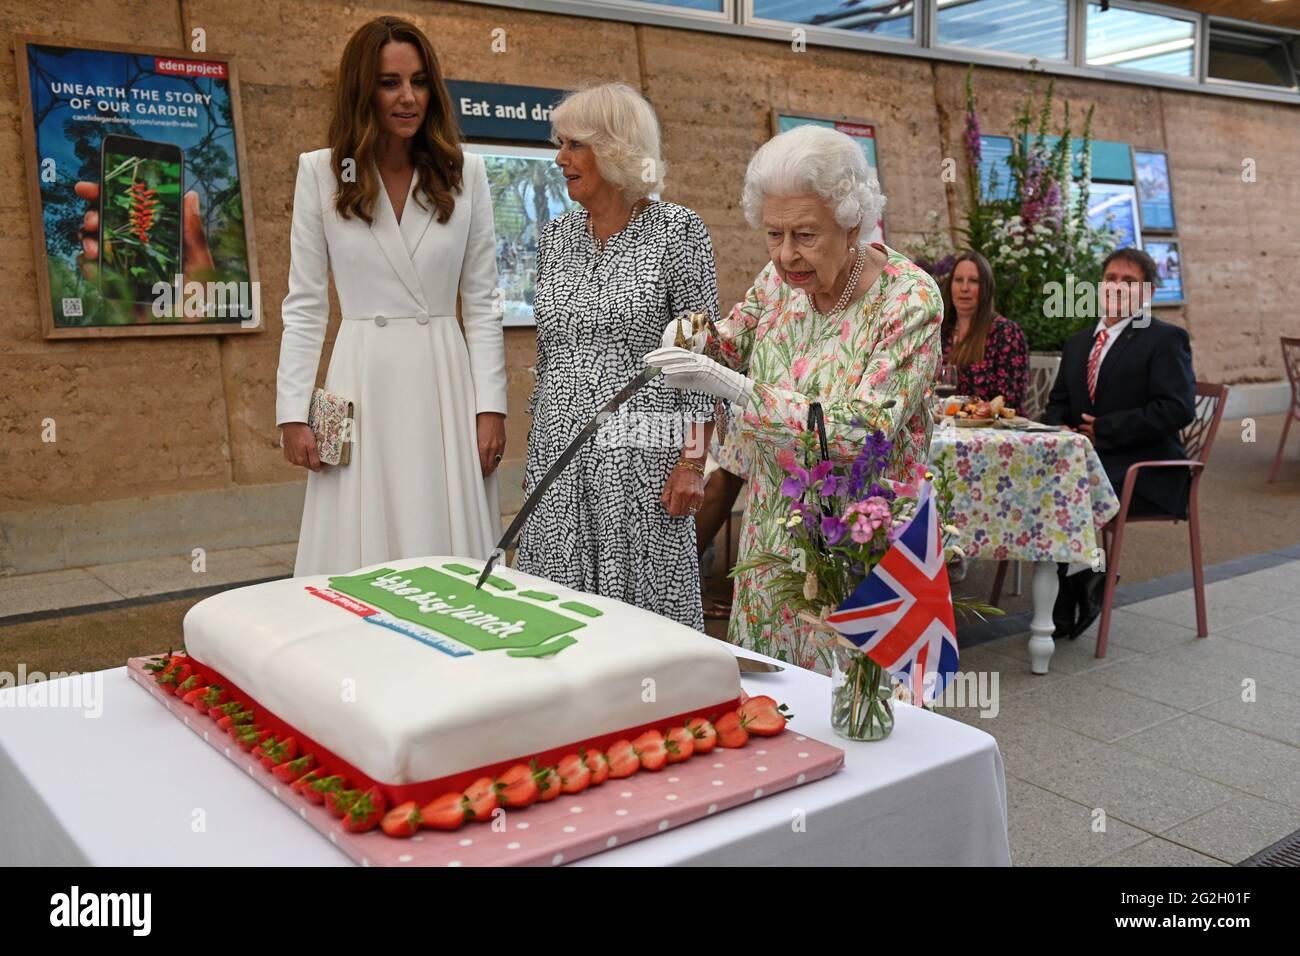 Königin Elizabeth II., die Herzogin von Cornwall und die Herzogin von Cambridge, schnitten einen Kuchen, als sie während des G7-Gipfels in Cornwall an einer Veranstaltung im Eden Project zur Feier der Big Lunch-Initiative teilnahmen. Bilddatum: Freitag, 11. Juni 2021. Stockfoto